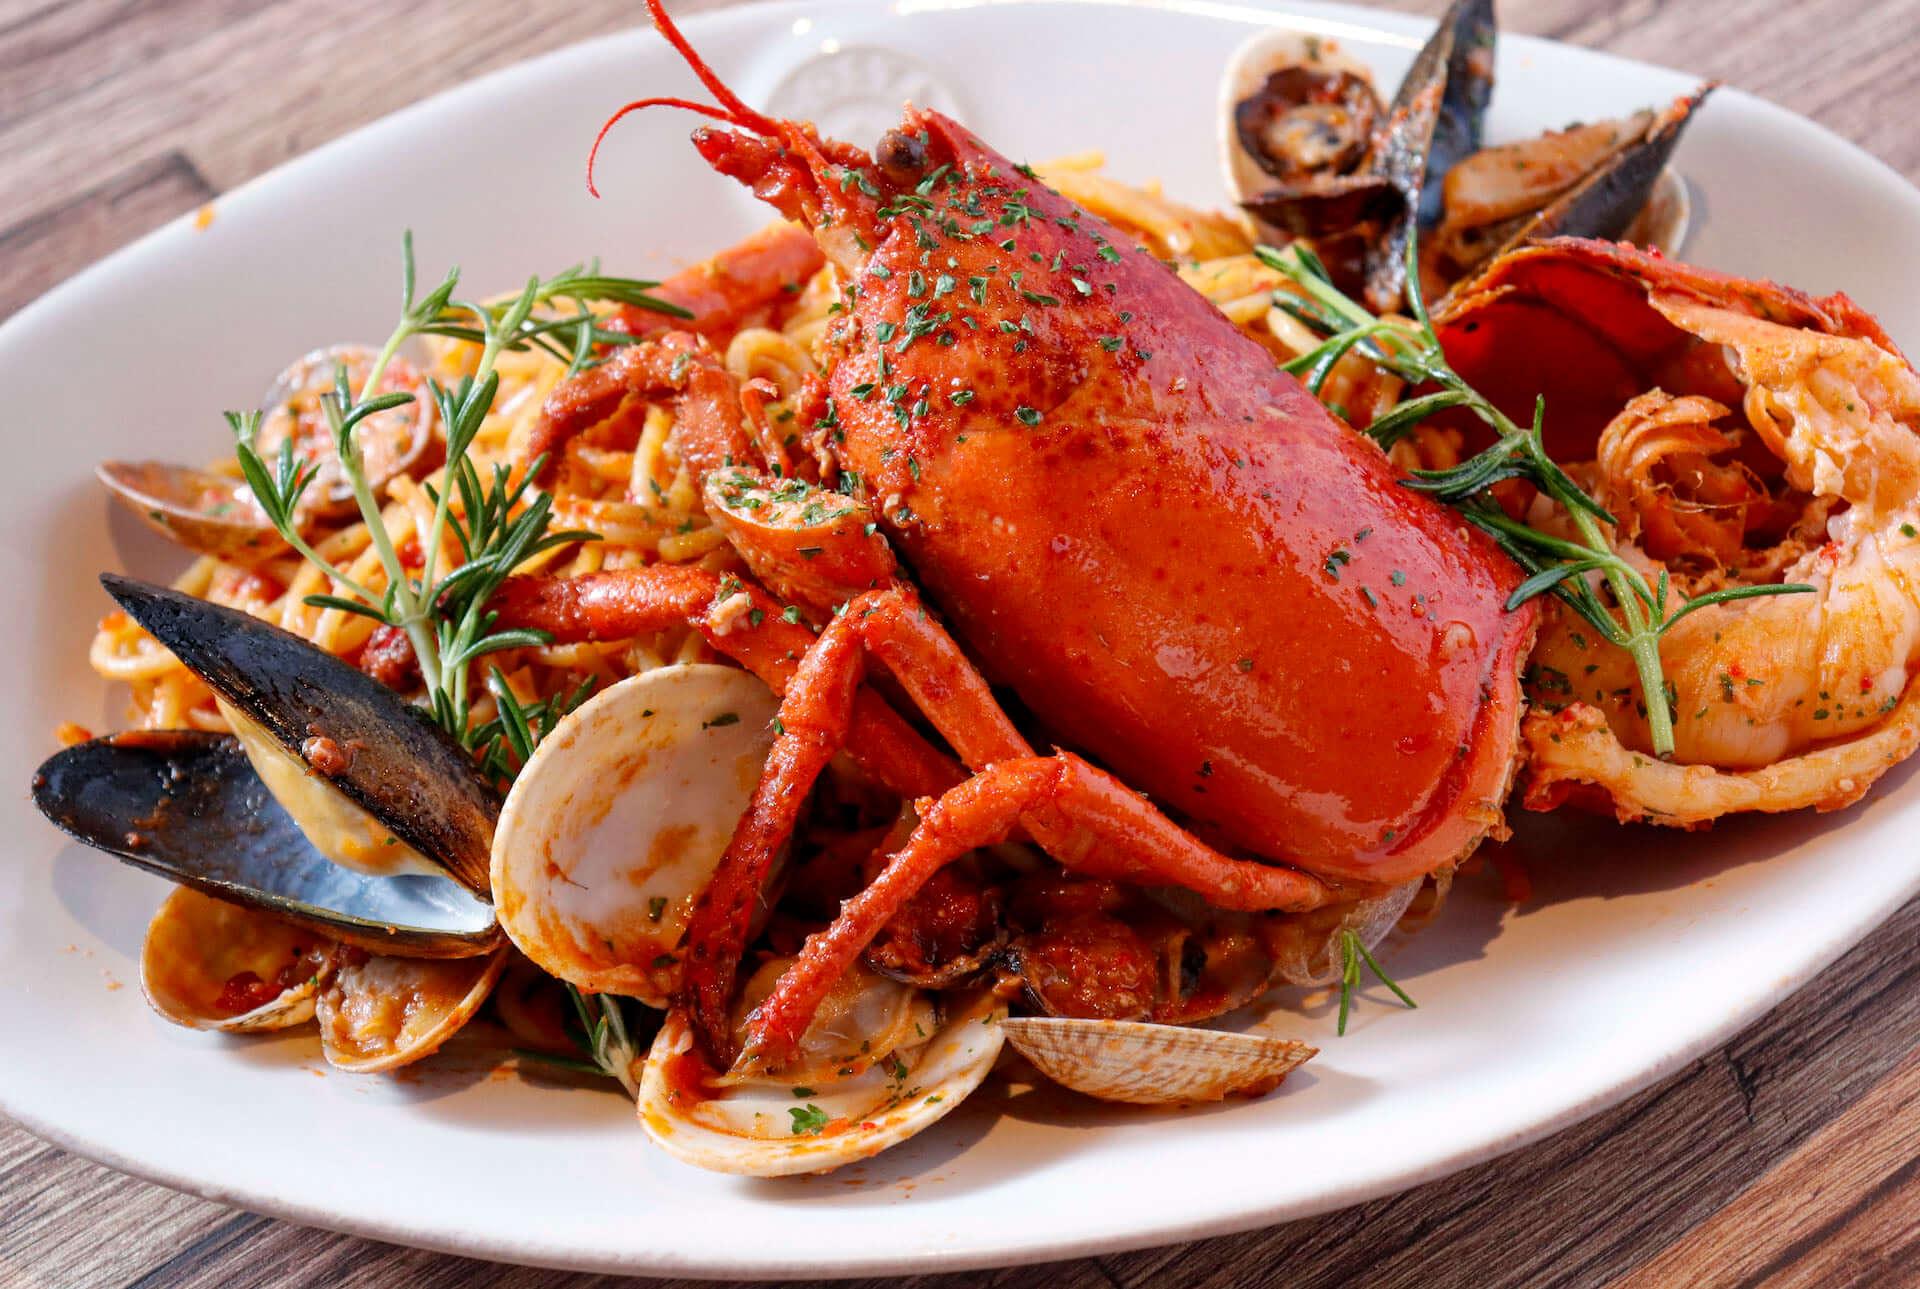 旬を迎えた「オマール海老」を堪能しよう!新宿のイタリアン・cicciで<とびきり美味しいオマール海老フェア>が明日開催 gourmet200902_cicci-shinjuku_2-1920x1289